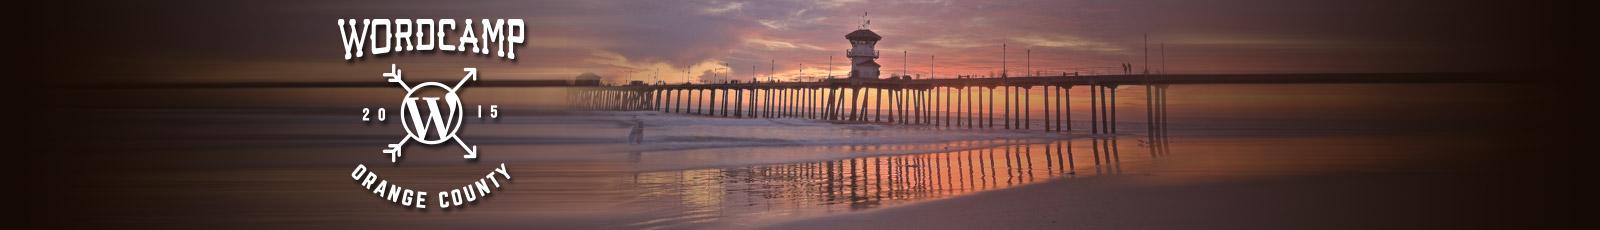 WordCamp 2015 | June 6 - 7 | Costa Mesa, CA